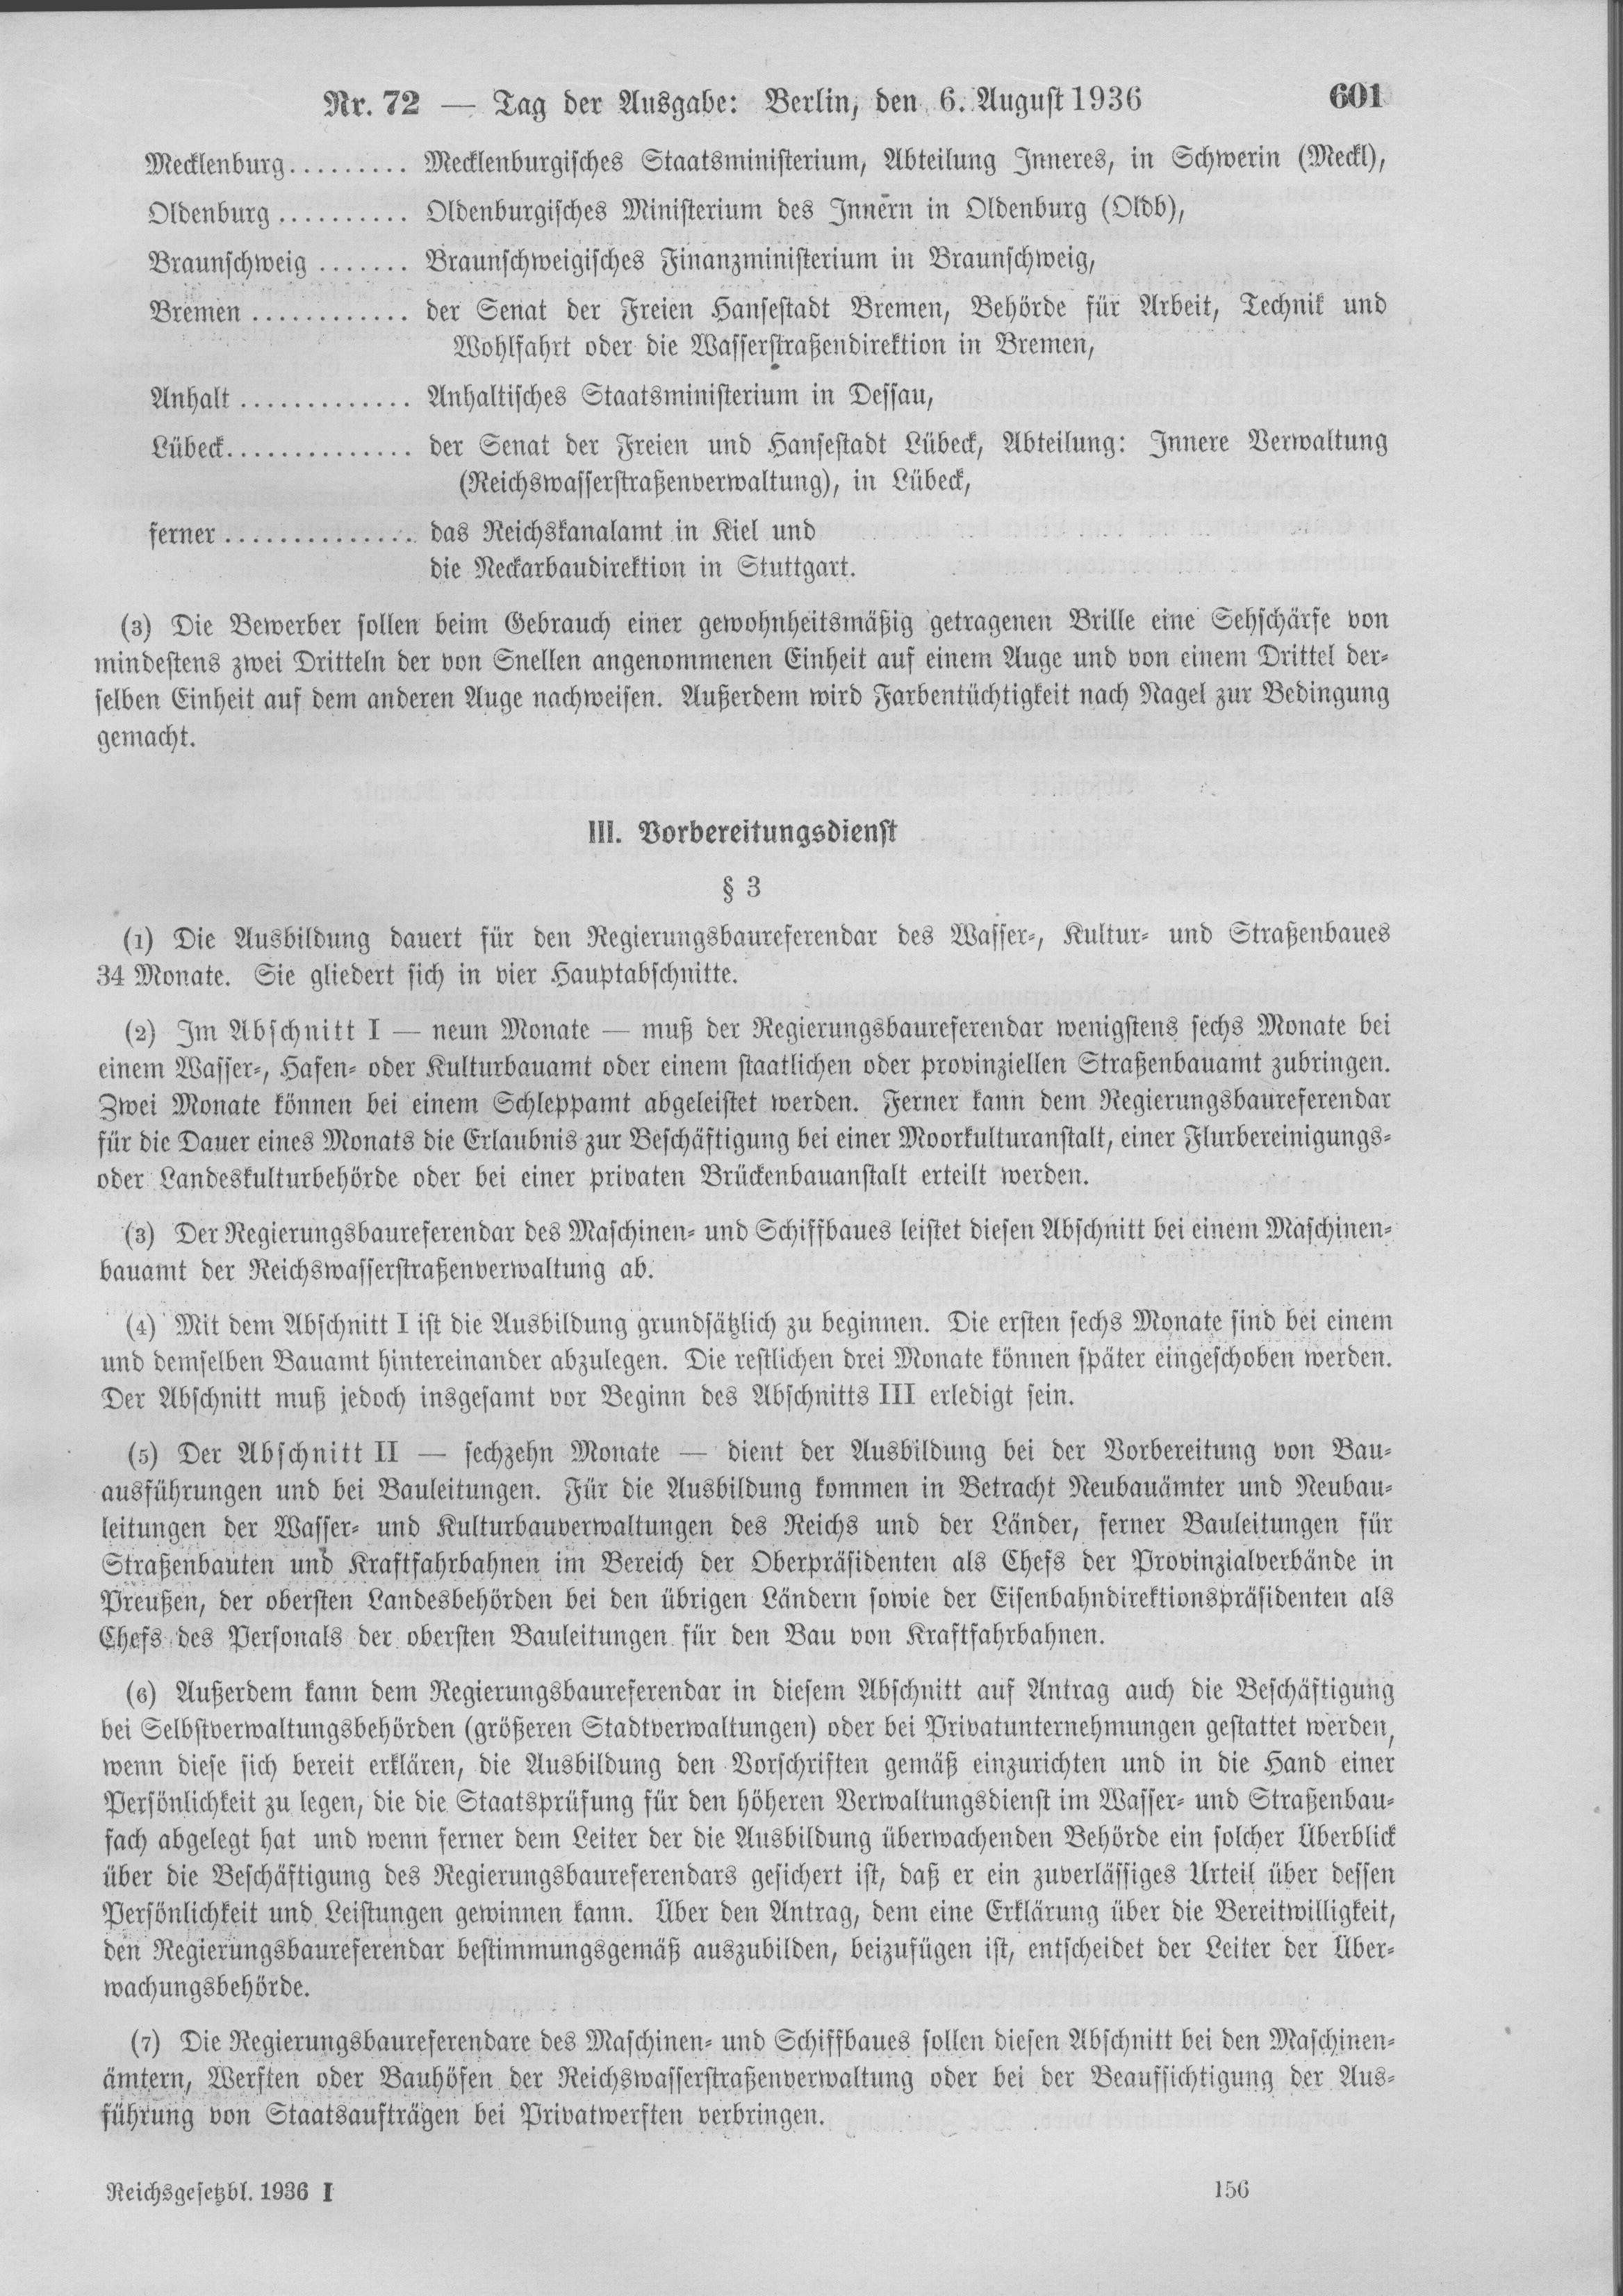 File:Deutsches Reichsgesetzblatt 36T1 072 0601.jpg - Wikimedia Commons